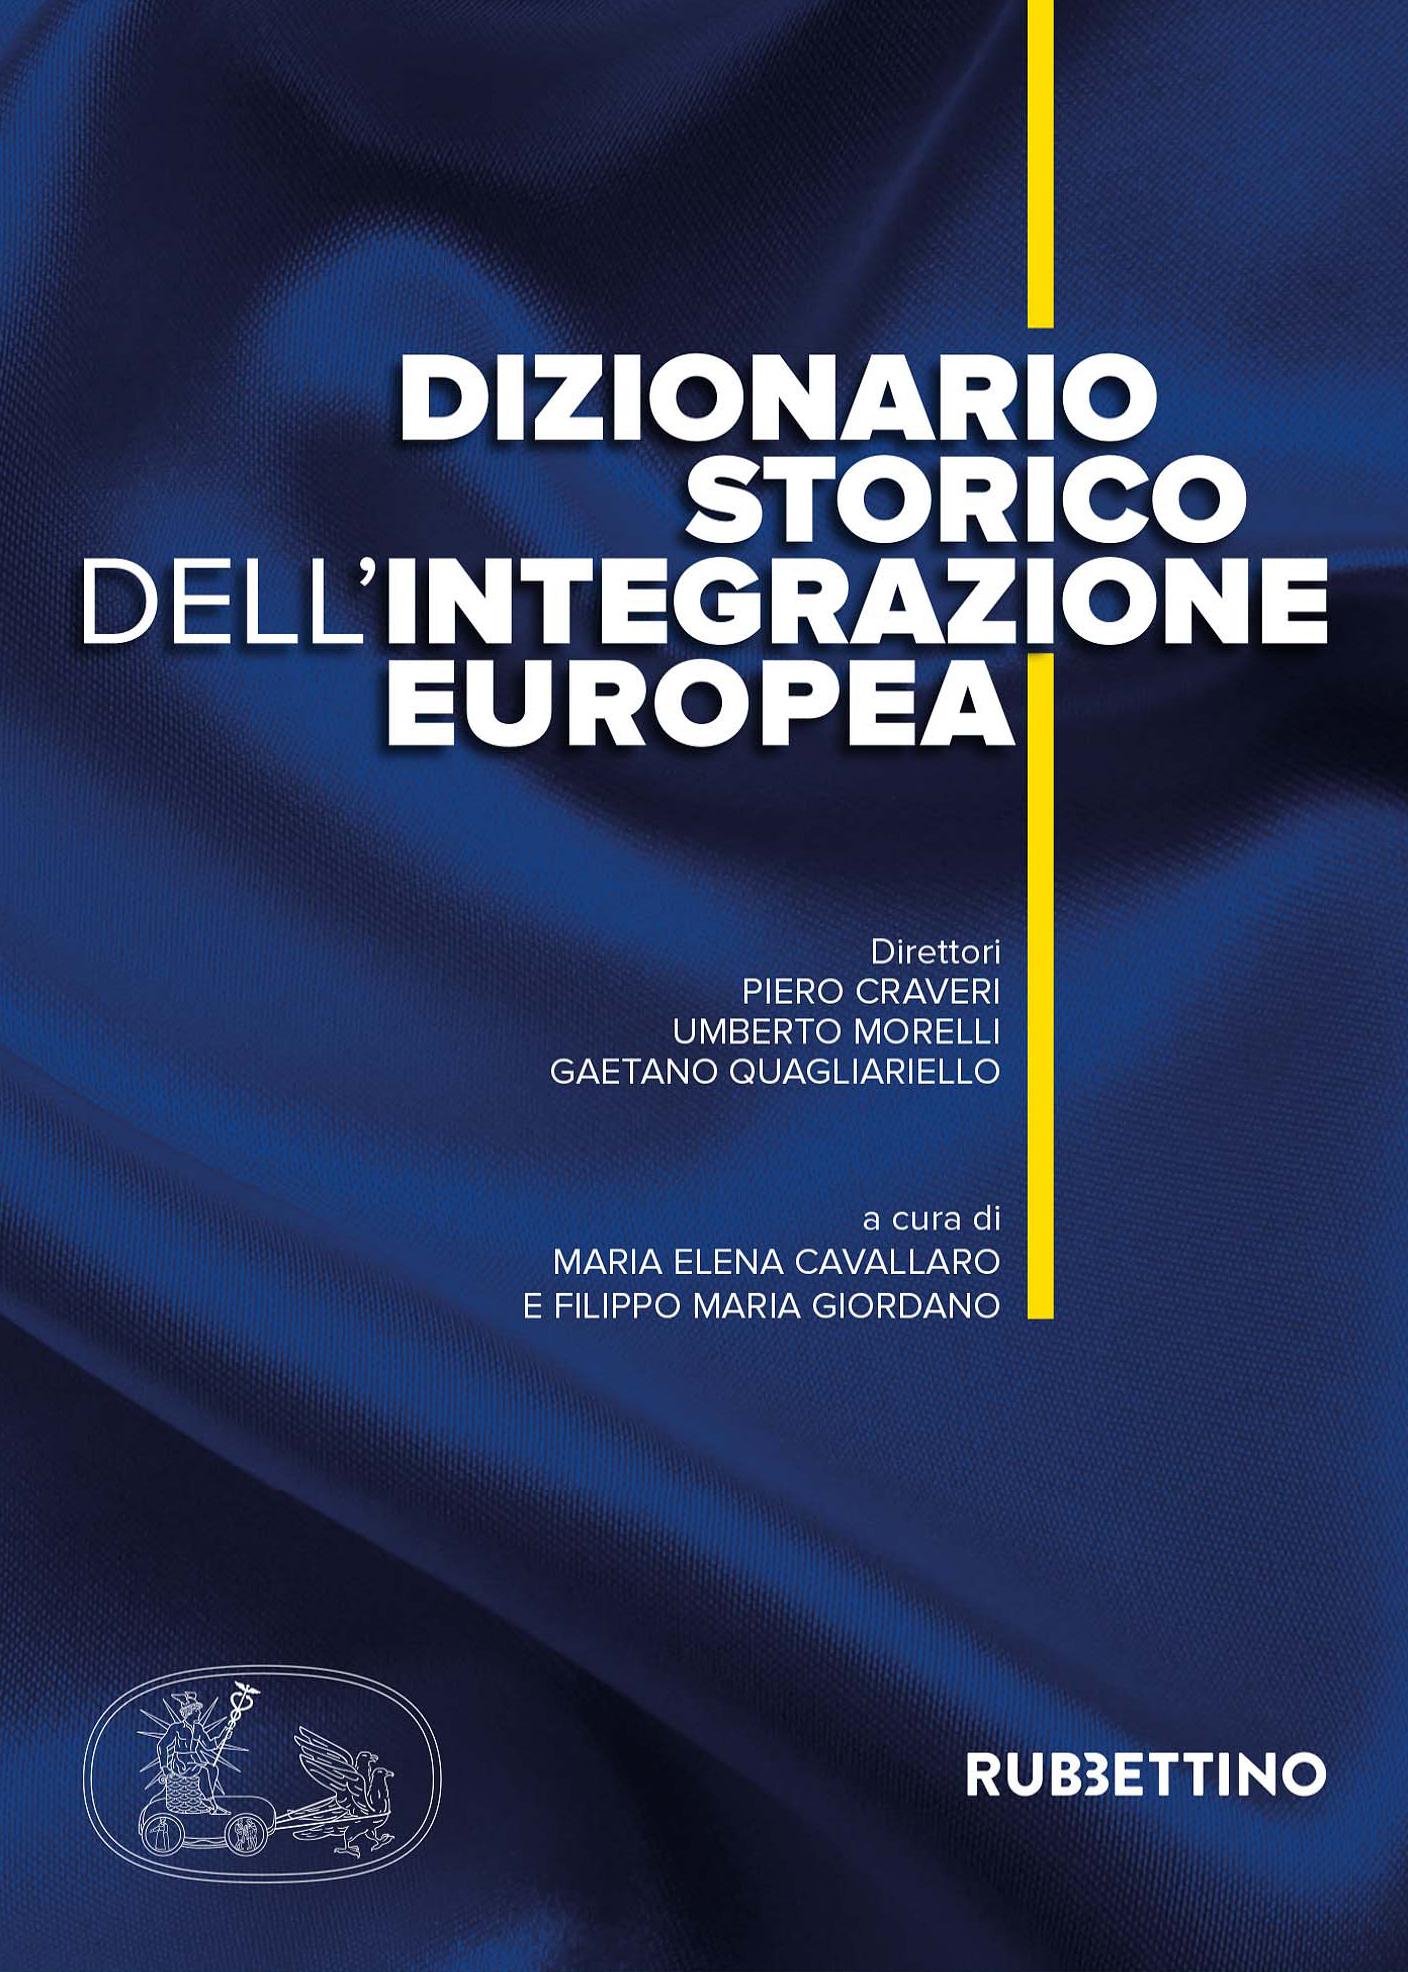 dizionario integrazione europea